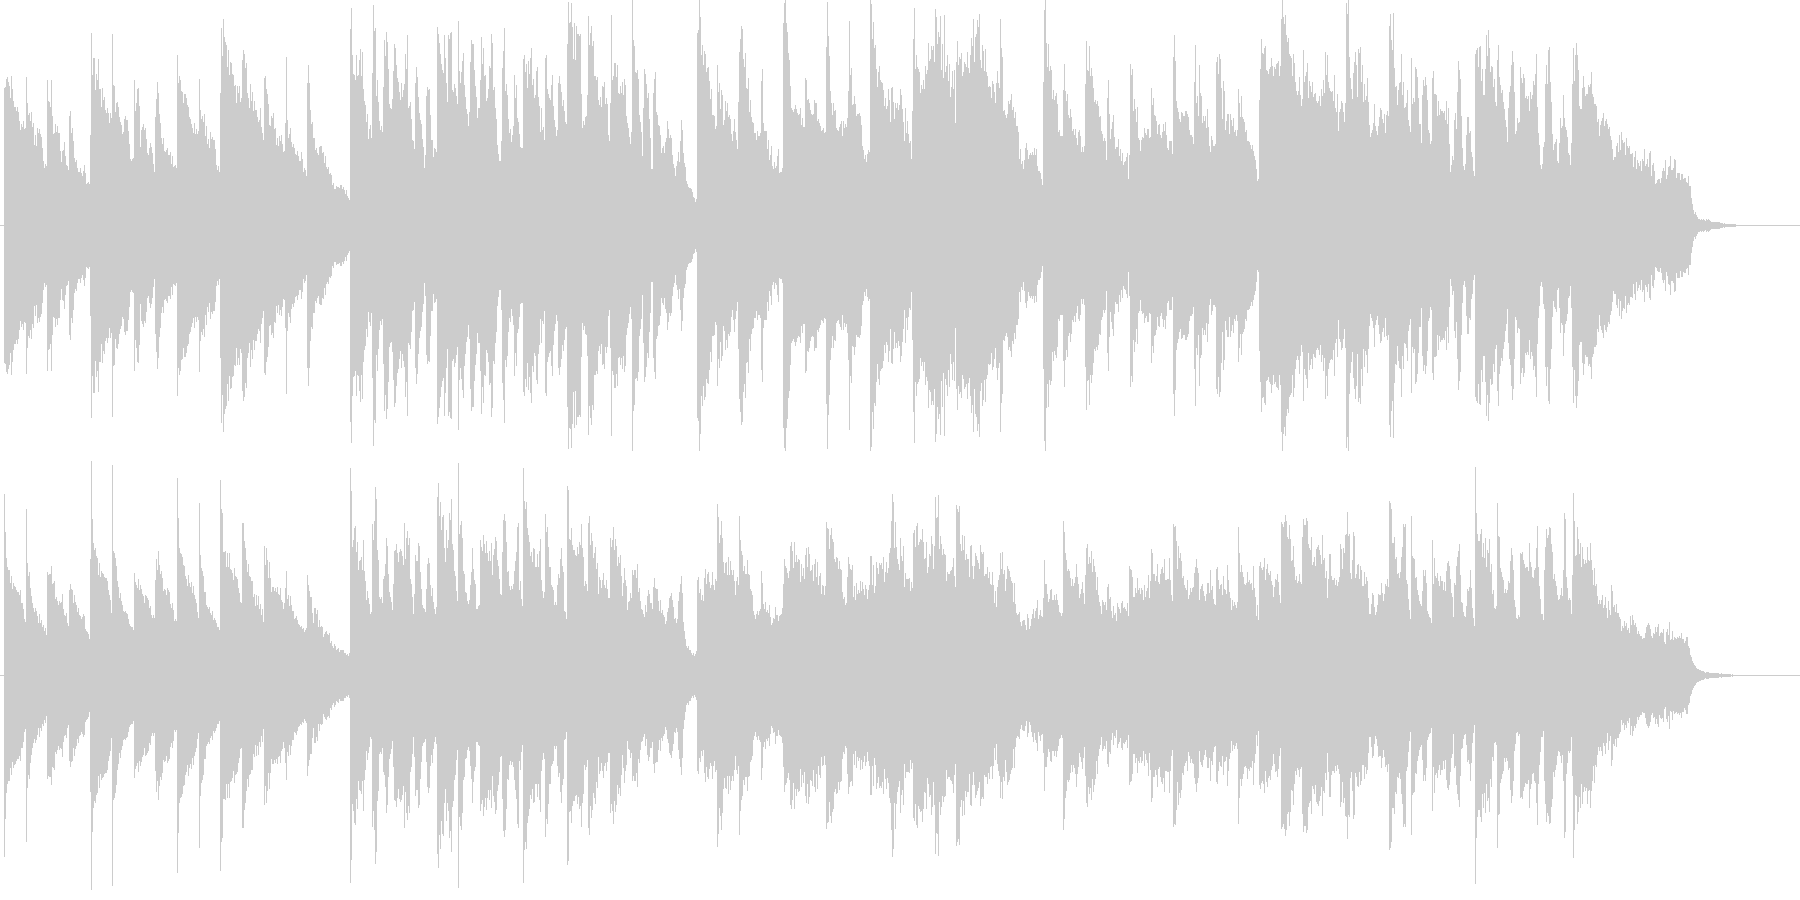 可愛らしくファンタジックなメルヘンBGMの未再生の波形